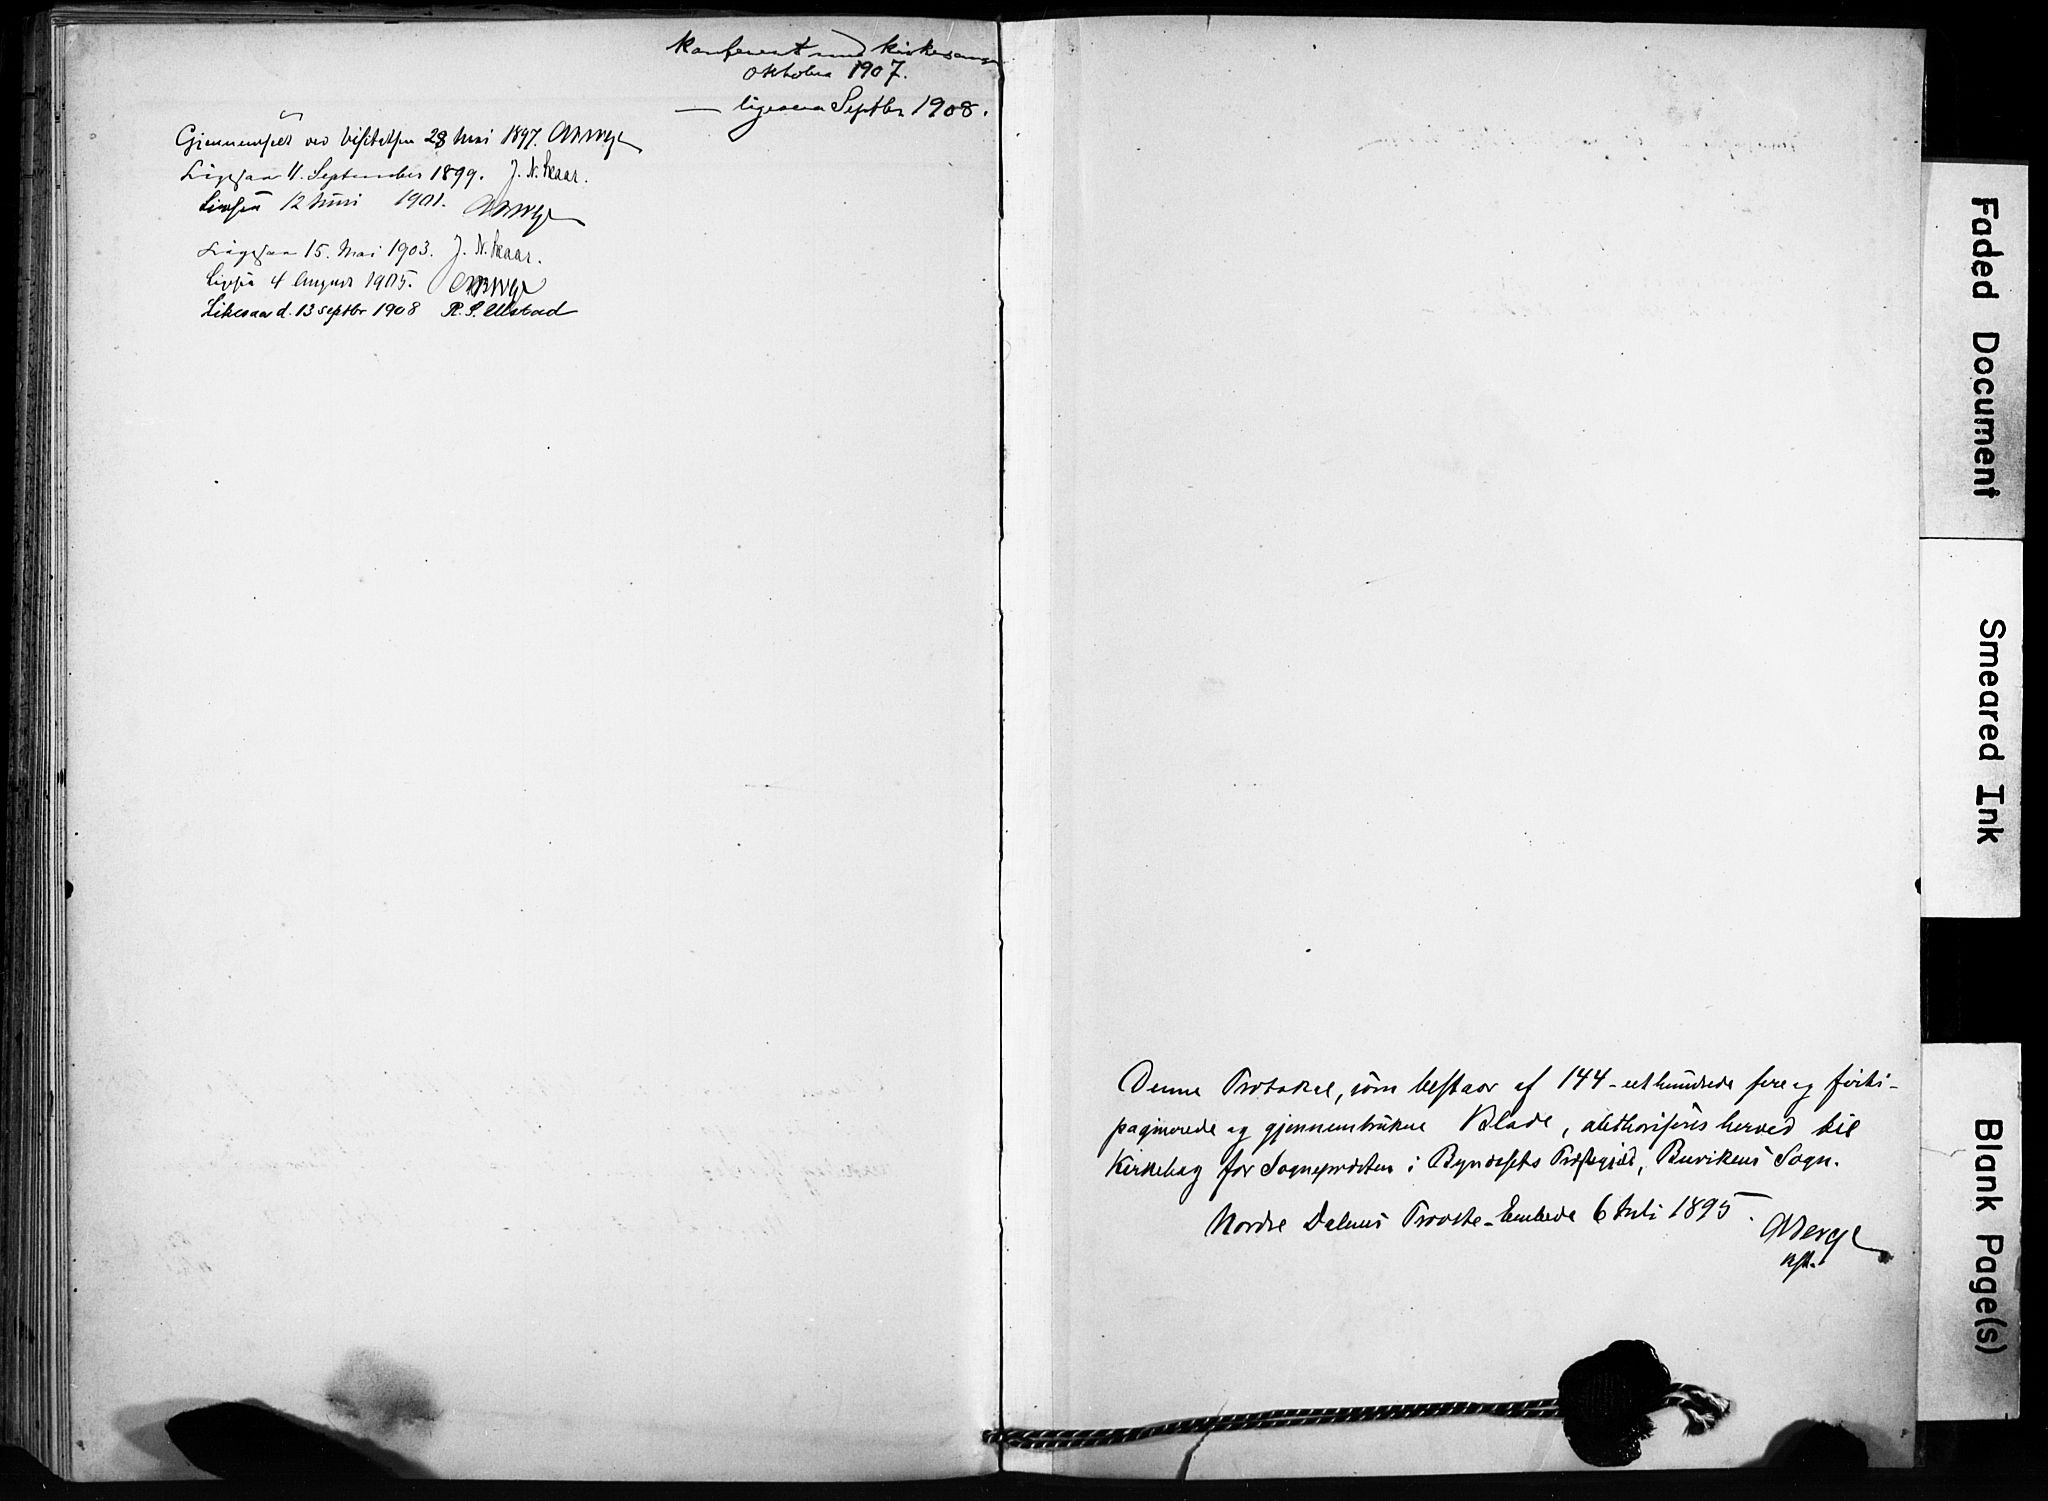 SAT, Ministerialprotokoller, klokkerbøker og fødselsregistre - Sør-Trøndelag, 666/L0787: Ministerialbok nr. 666A05, 1895-1908